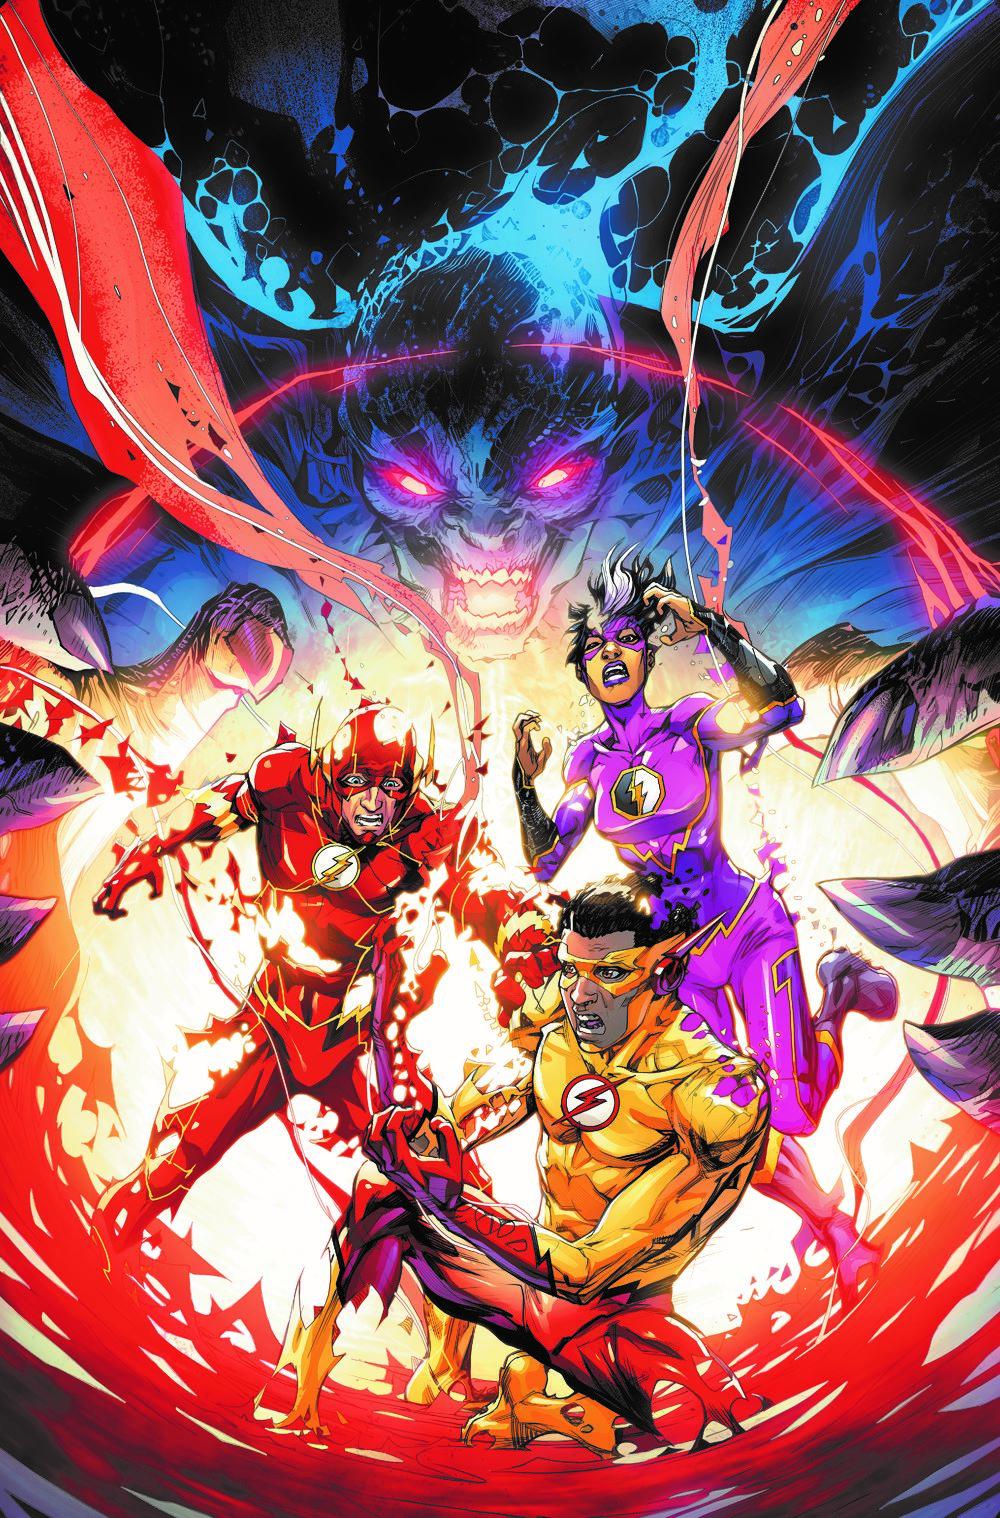 FLASH-VOL14-FLASH-AGE DC Comics April 2021 Solicitations